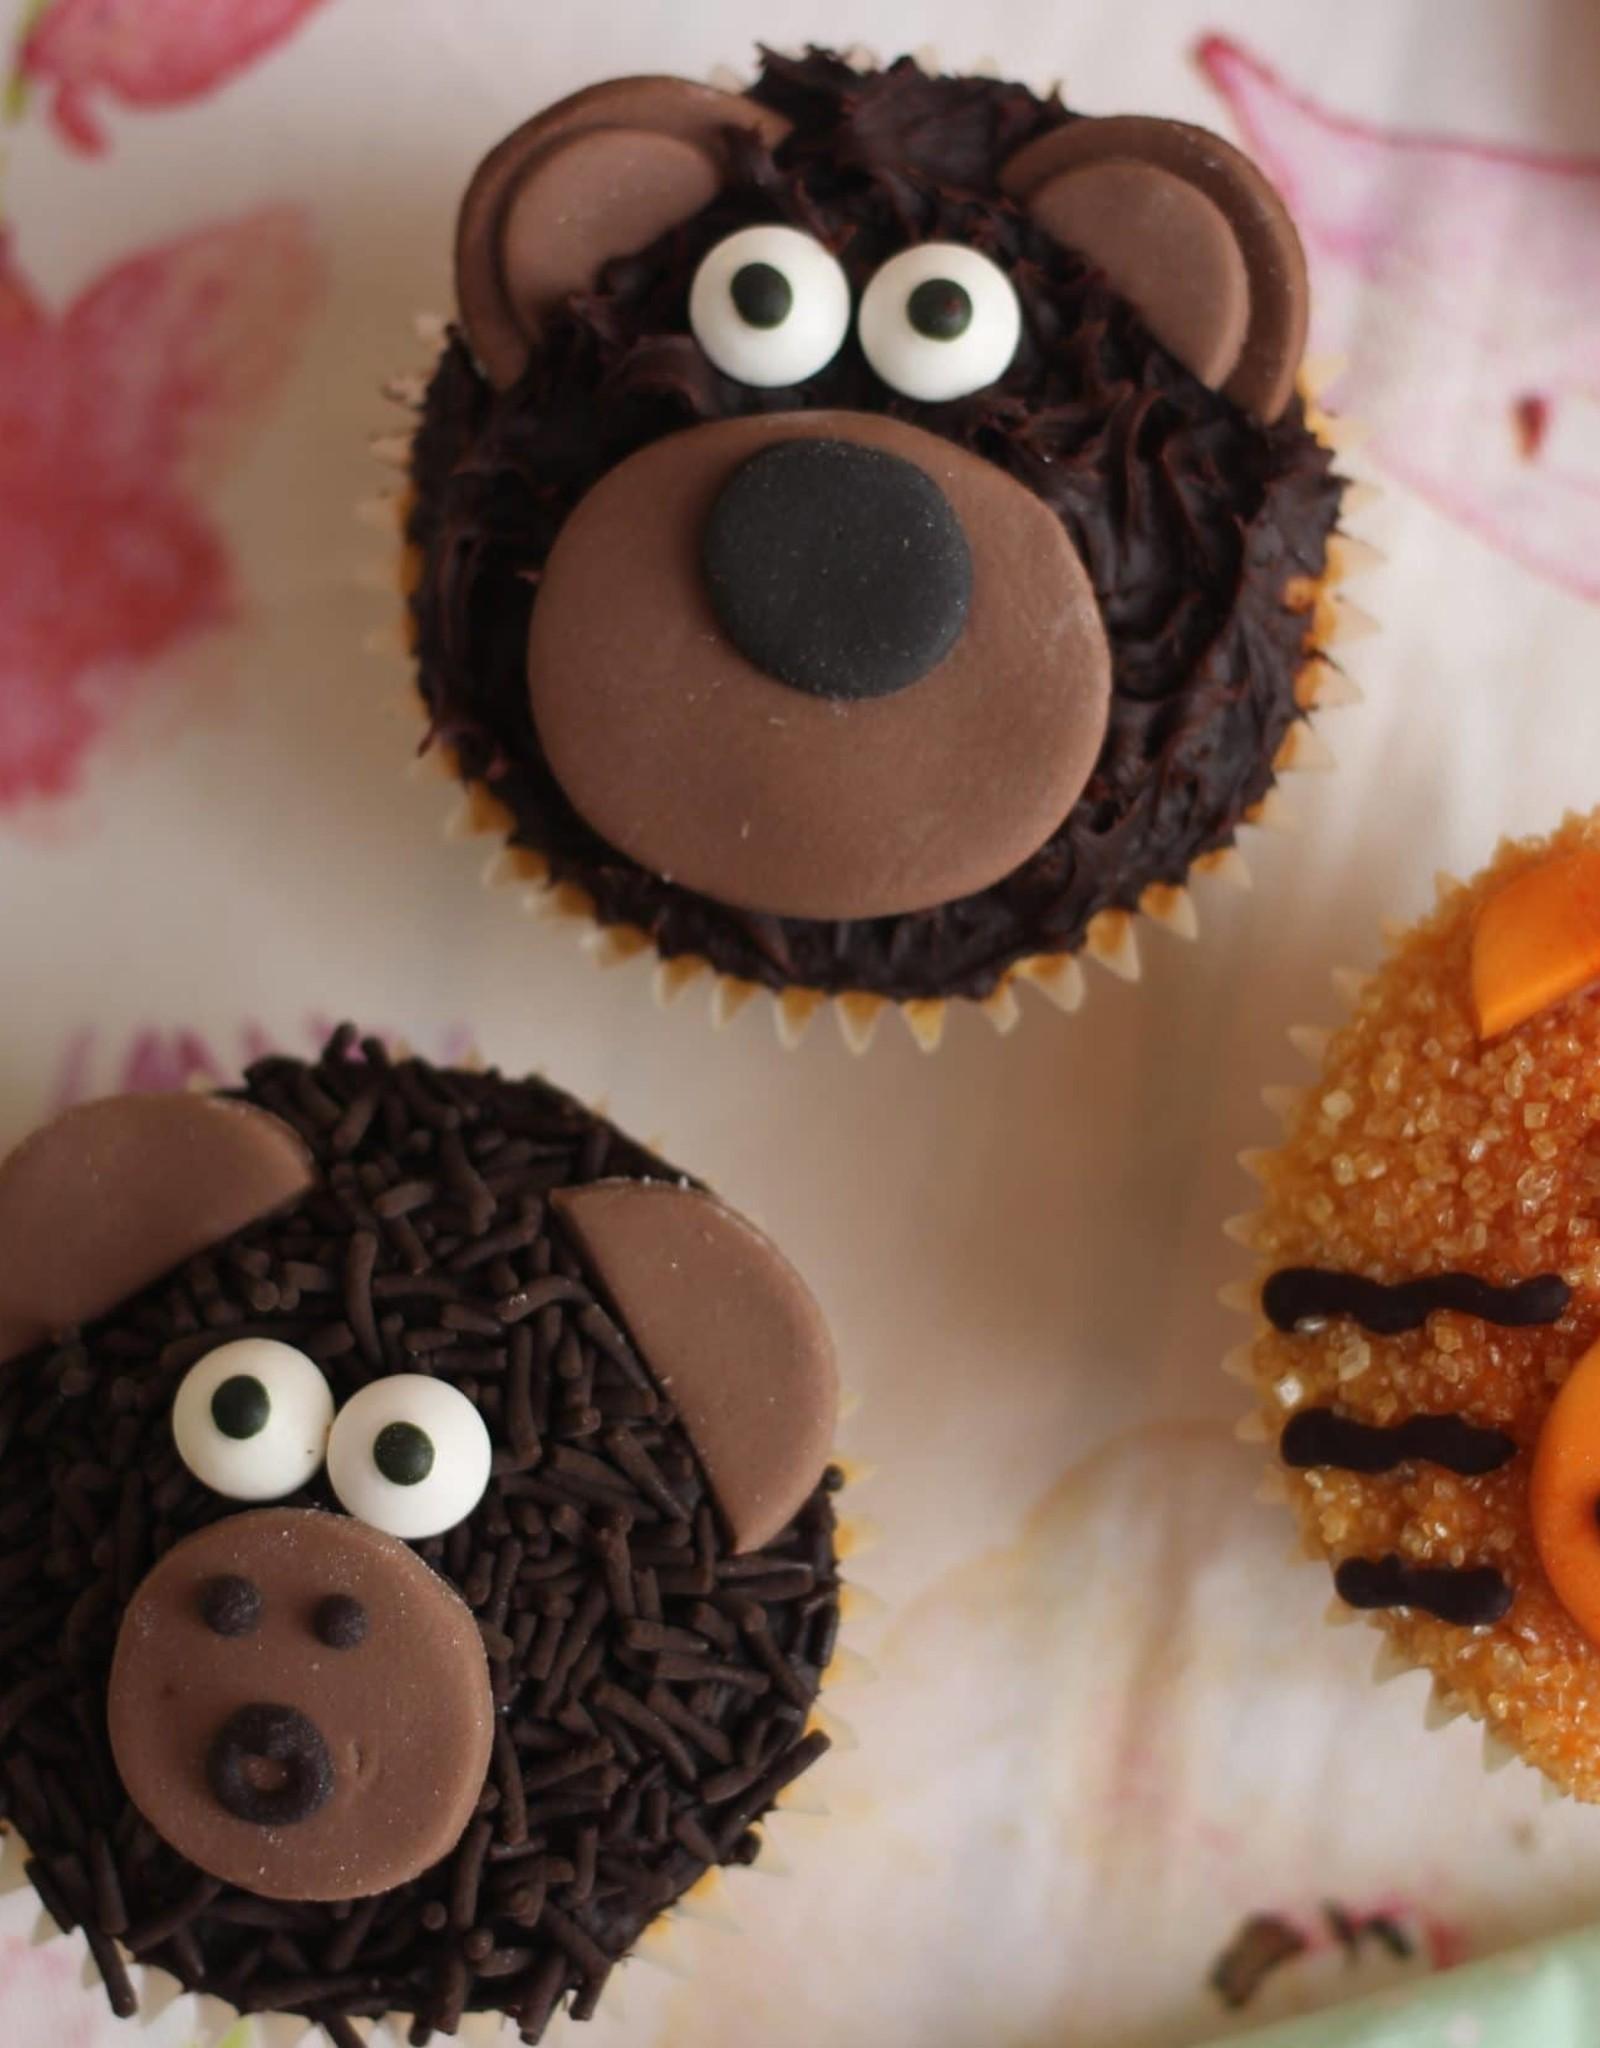 Cake Décor Cake Décor Edible Eyes - Eetbare Oogjes